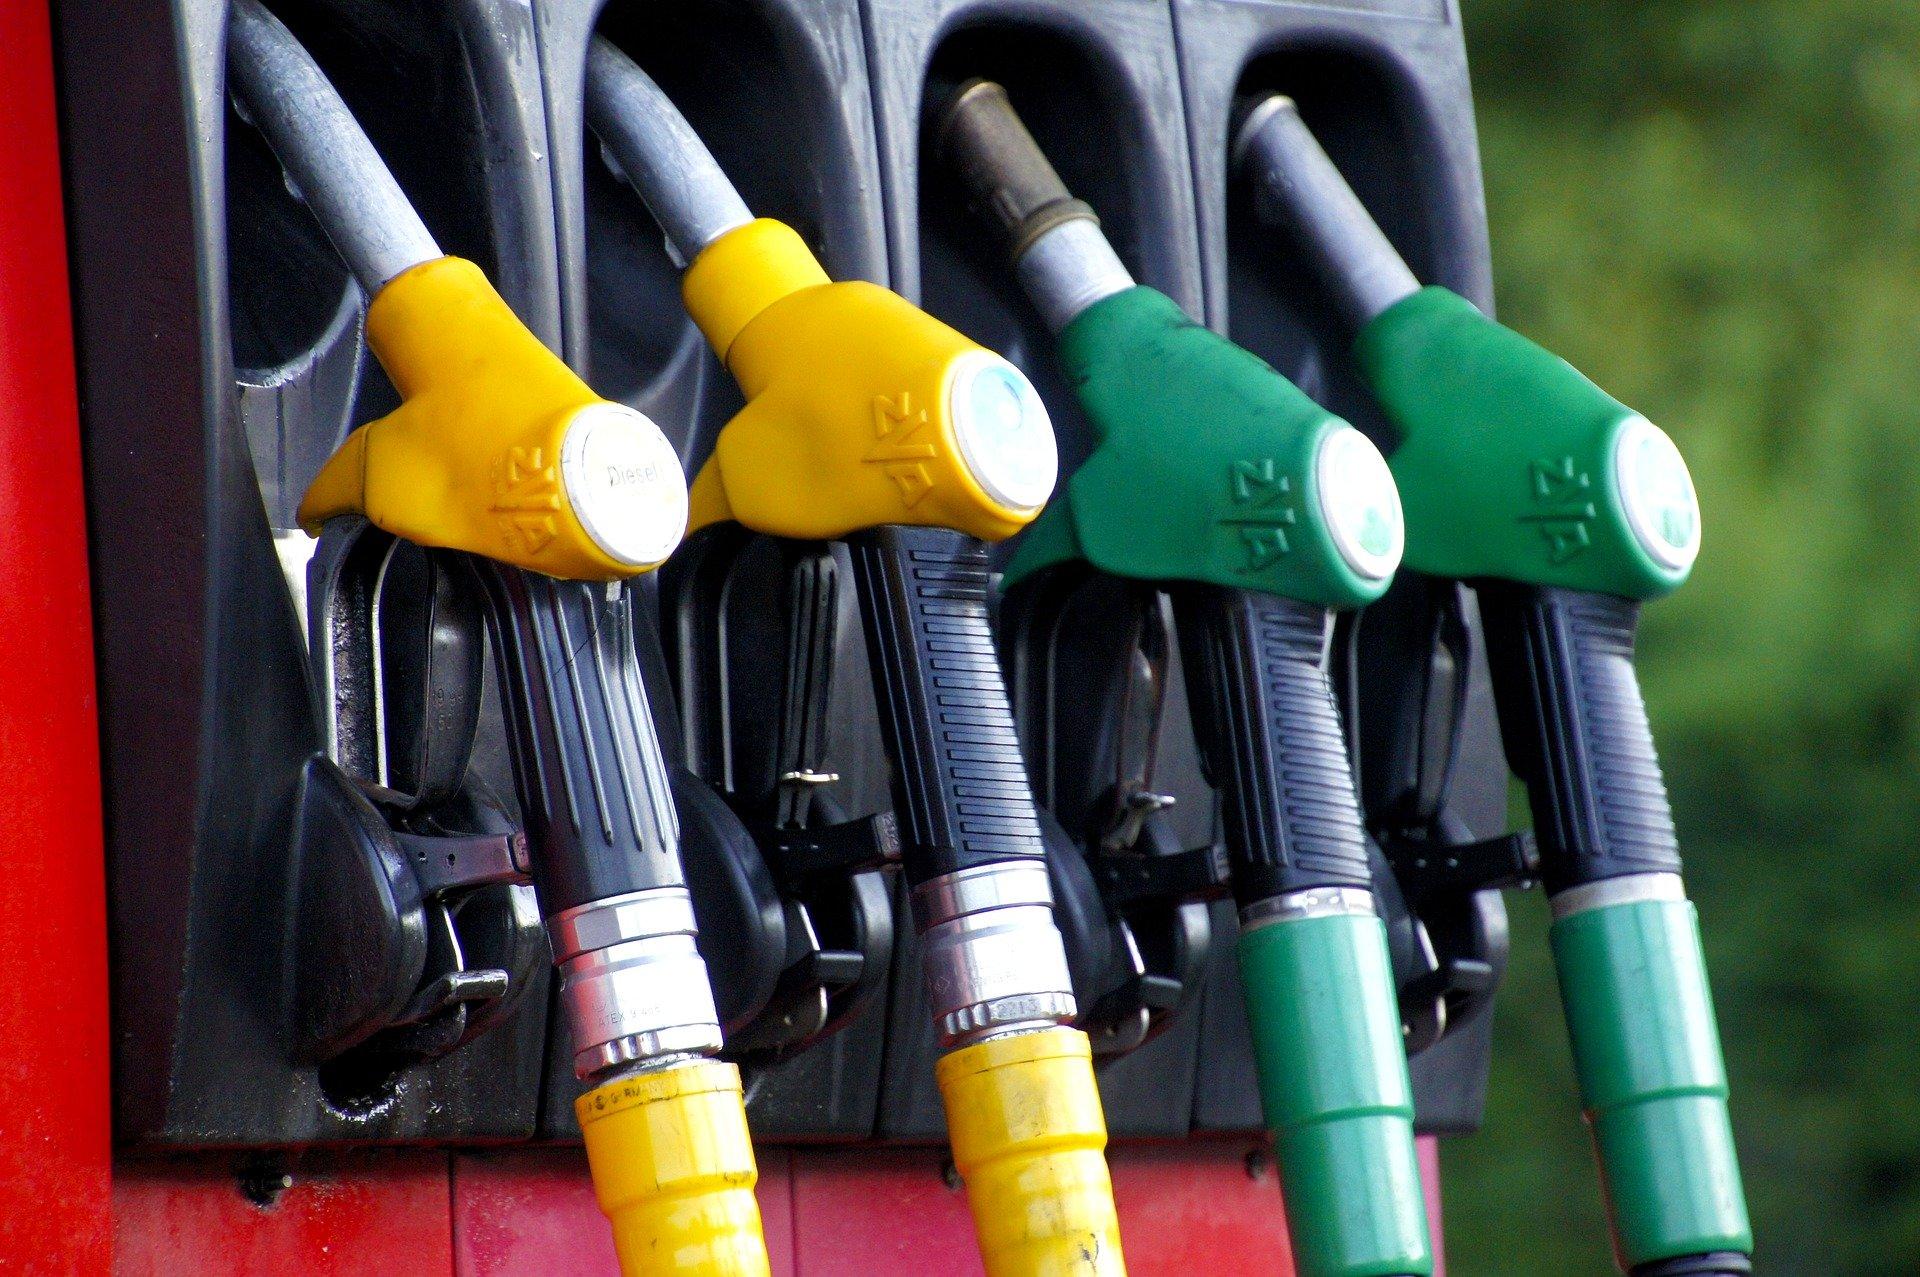 Hausse des prix des carburants : que se passe-t-il ?